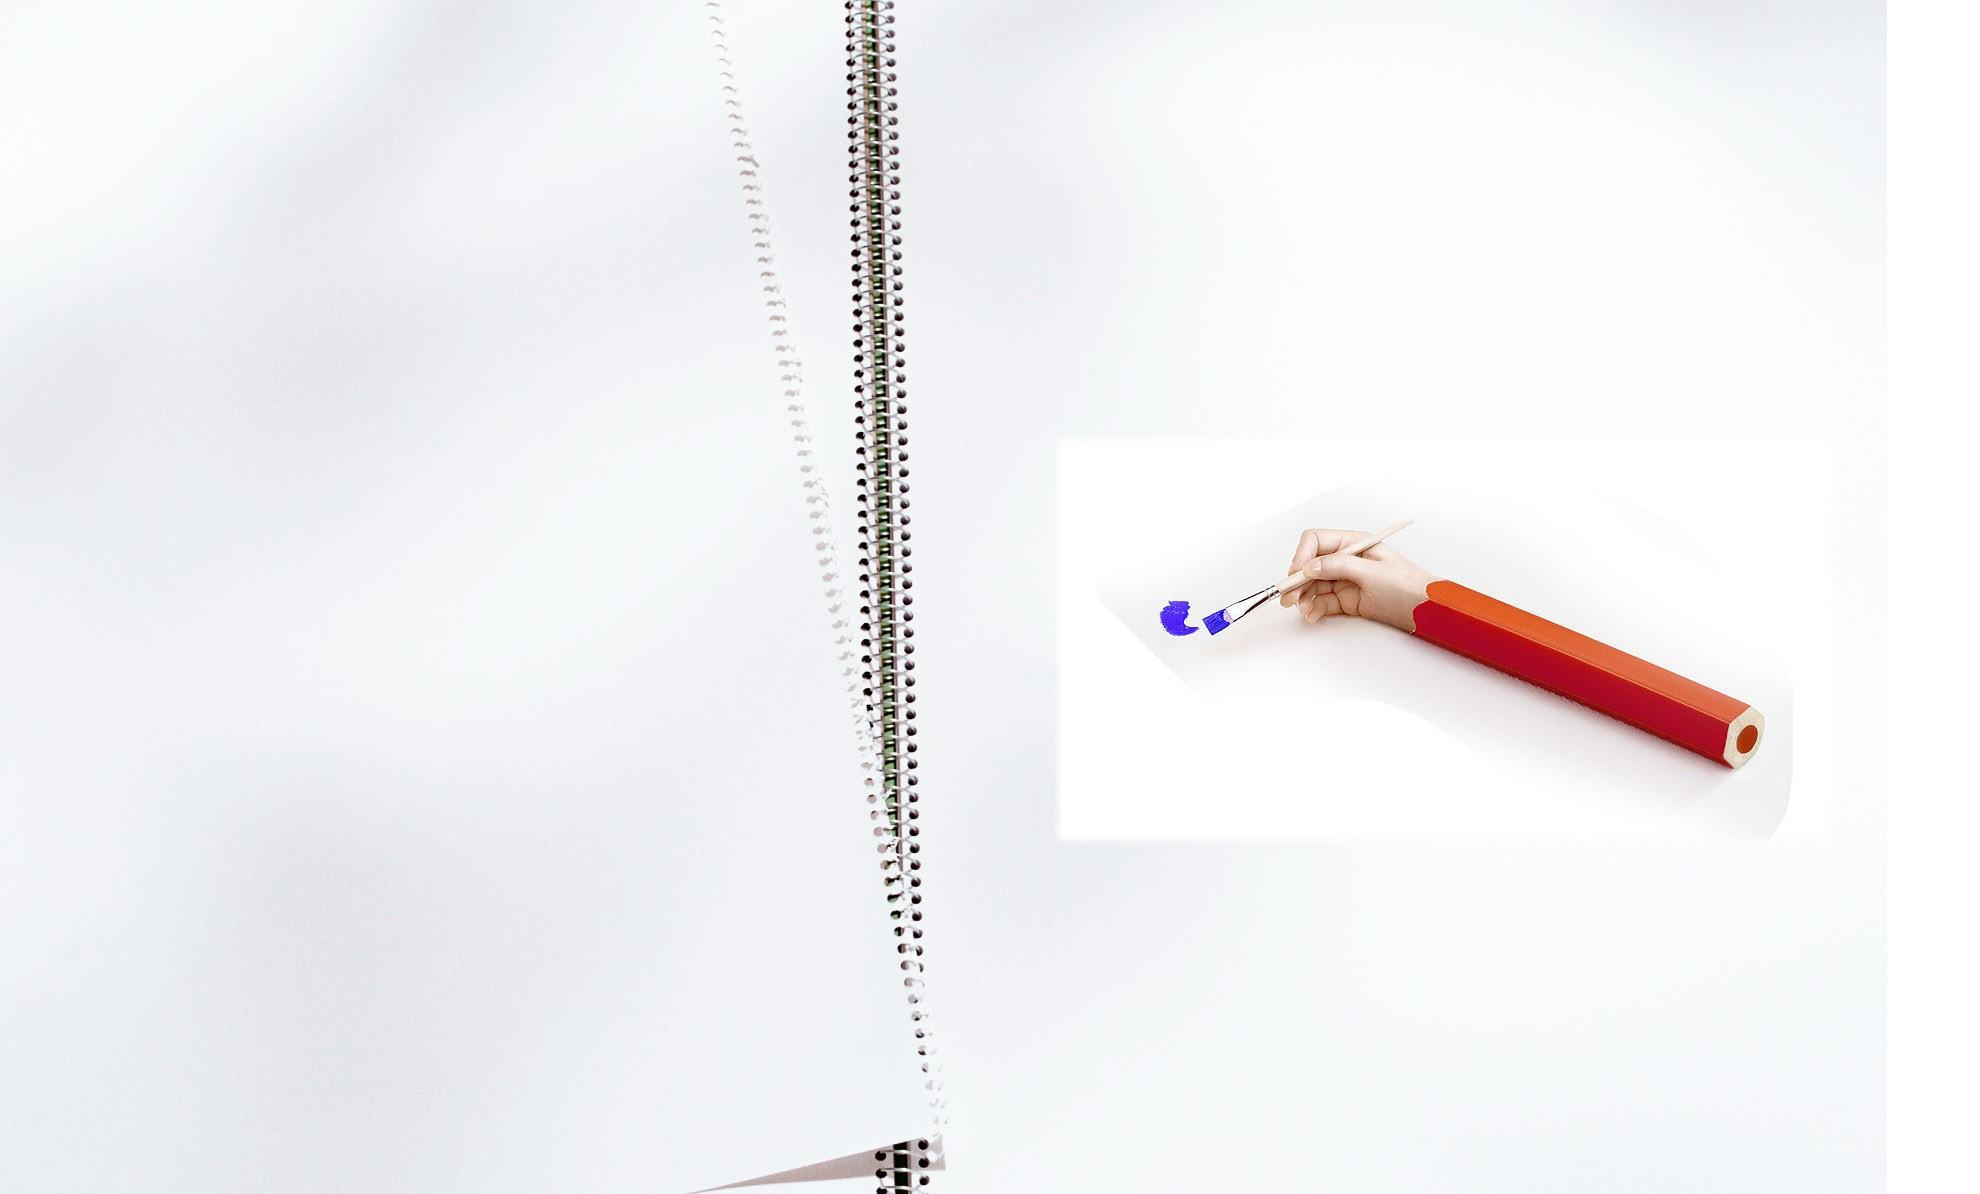 85 Gambar Abstrak Pensil Sederhana Paling Bagus